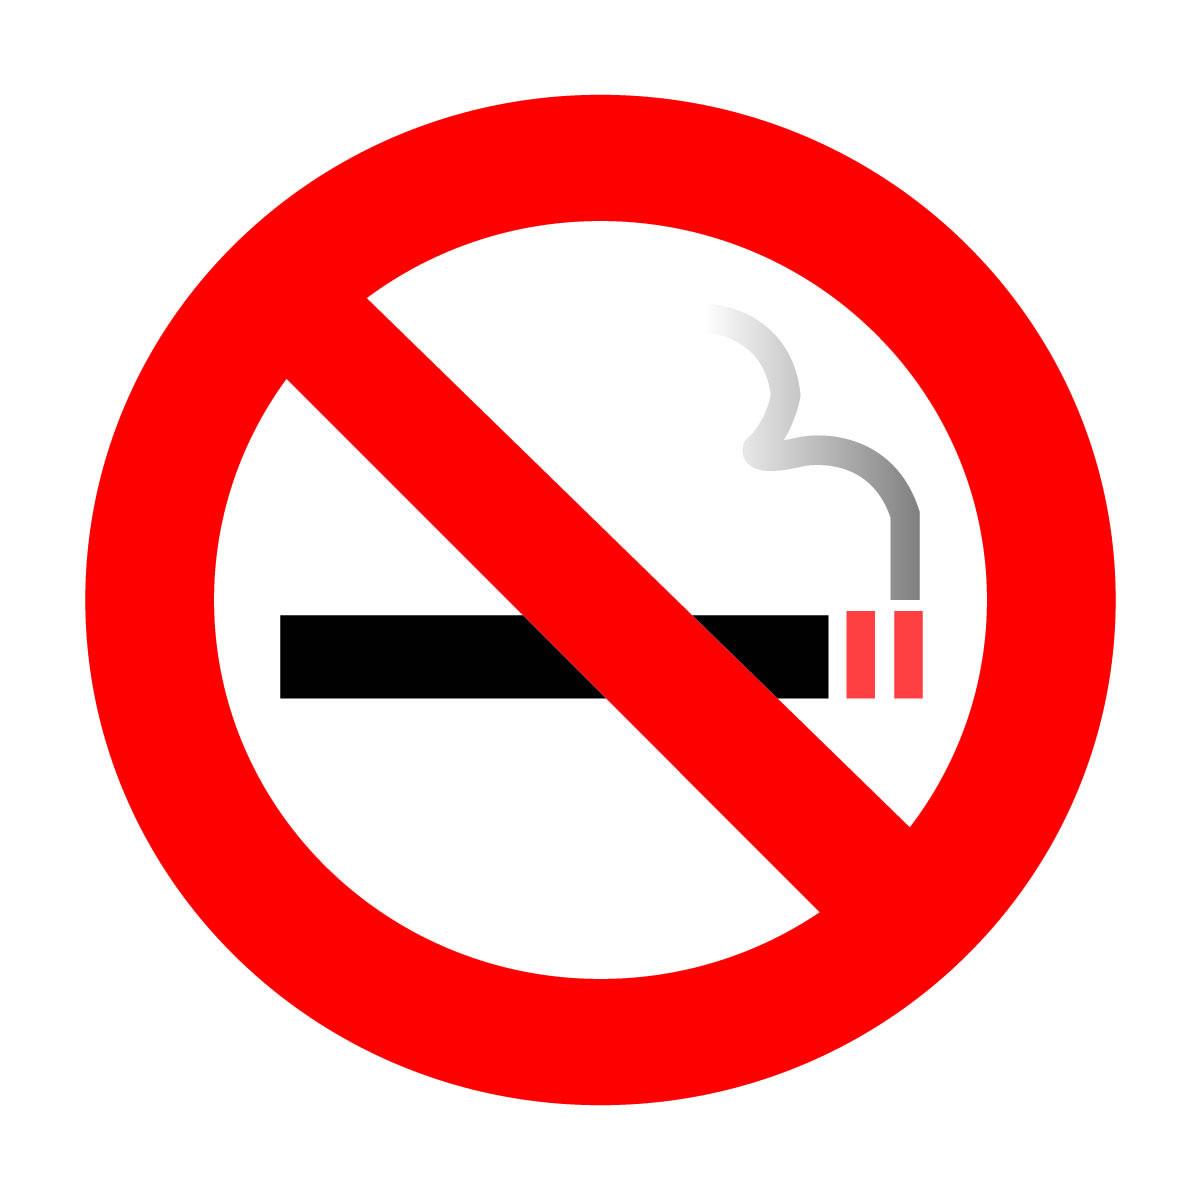 No Smoke.